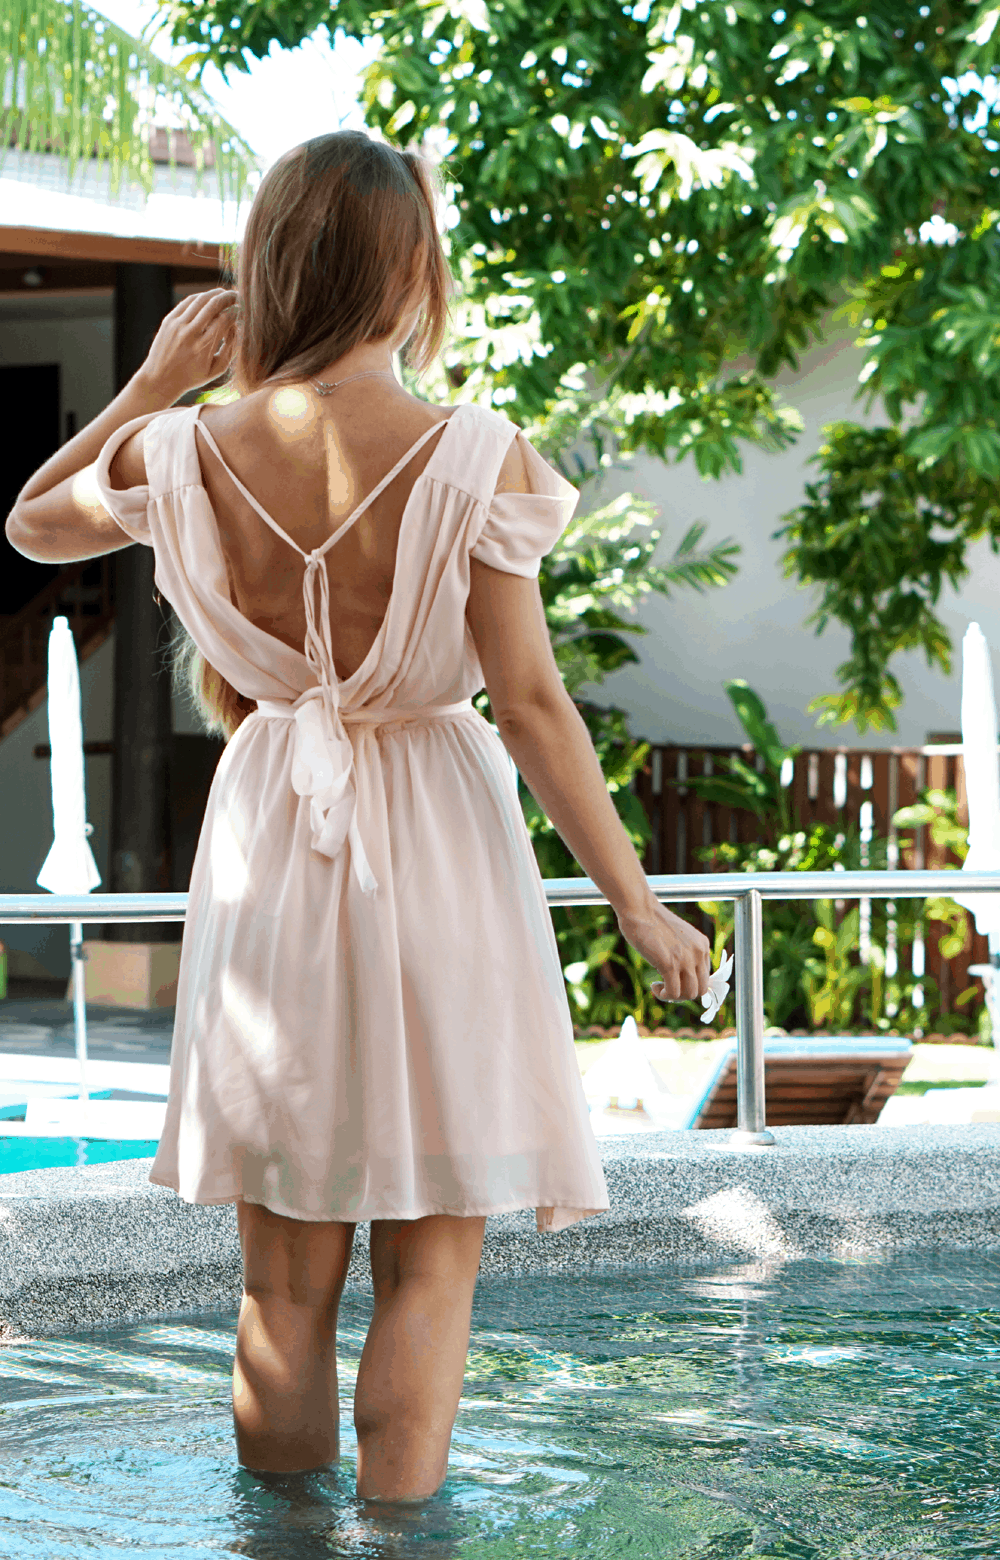 Pudrowa sukienka Romwe w wakacyjnej stylizacji